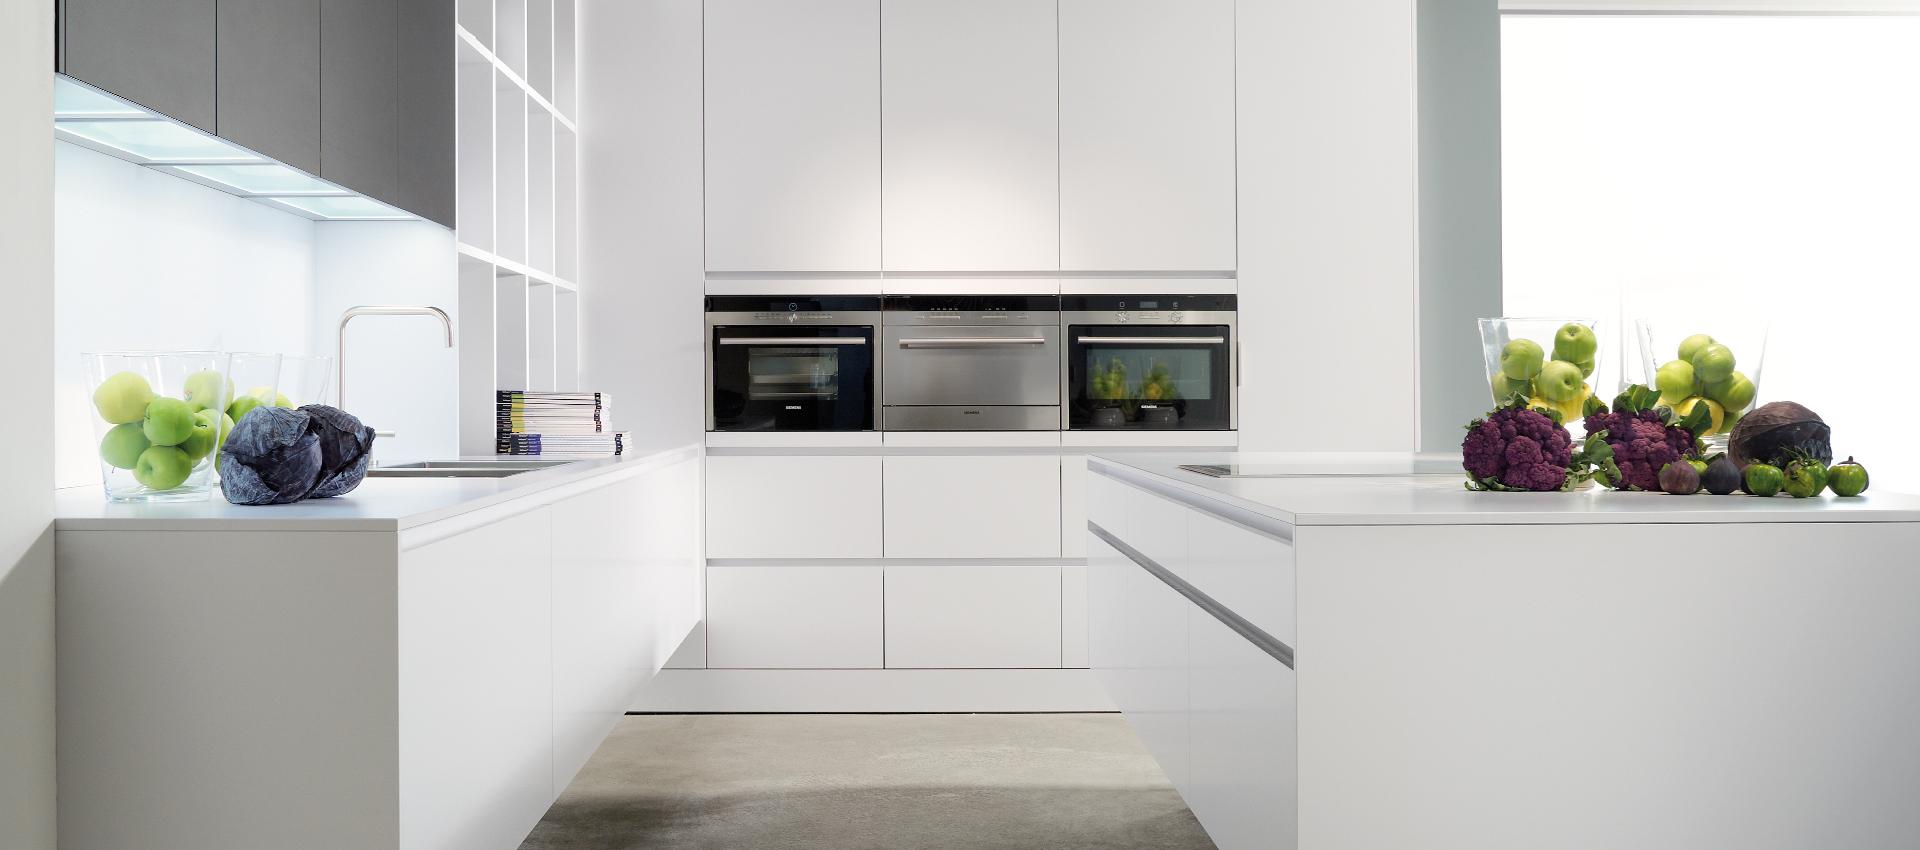 D&S Studio für Küchen und Wohnen